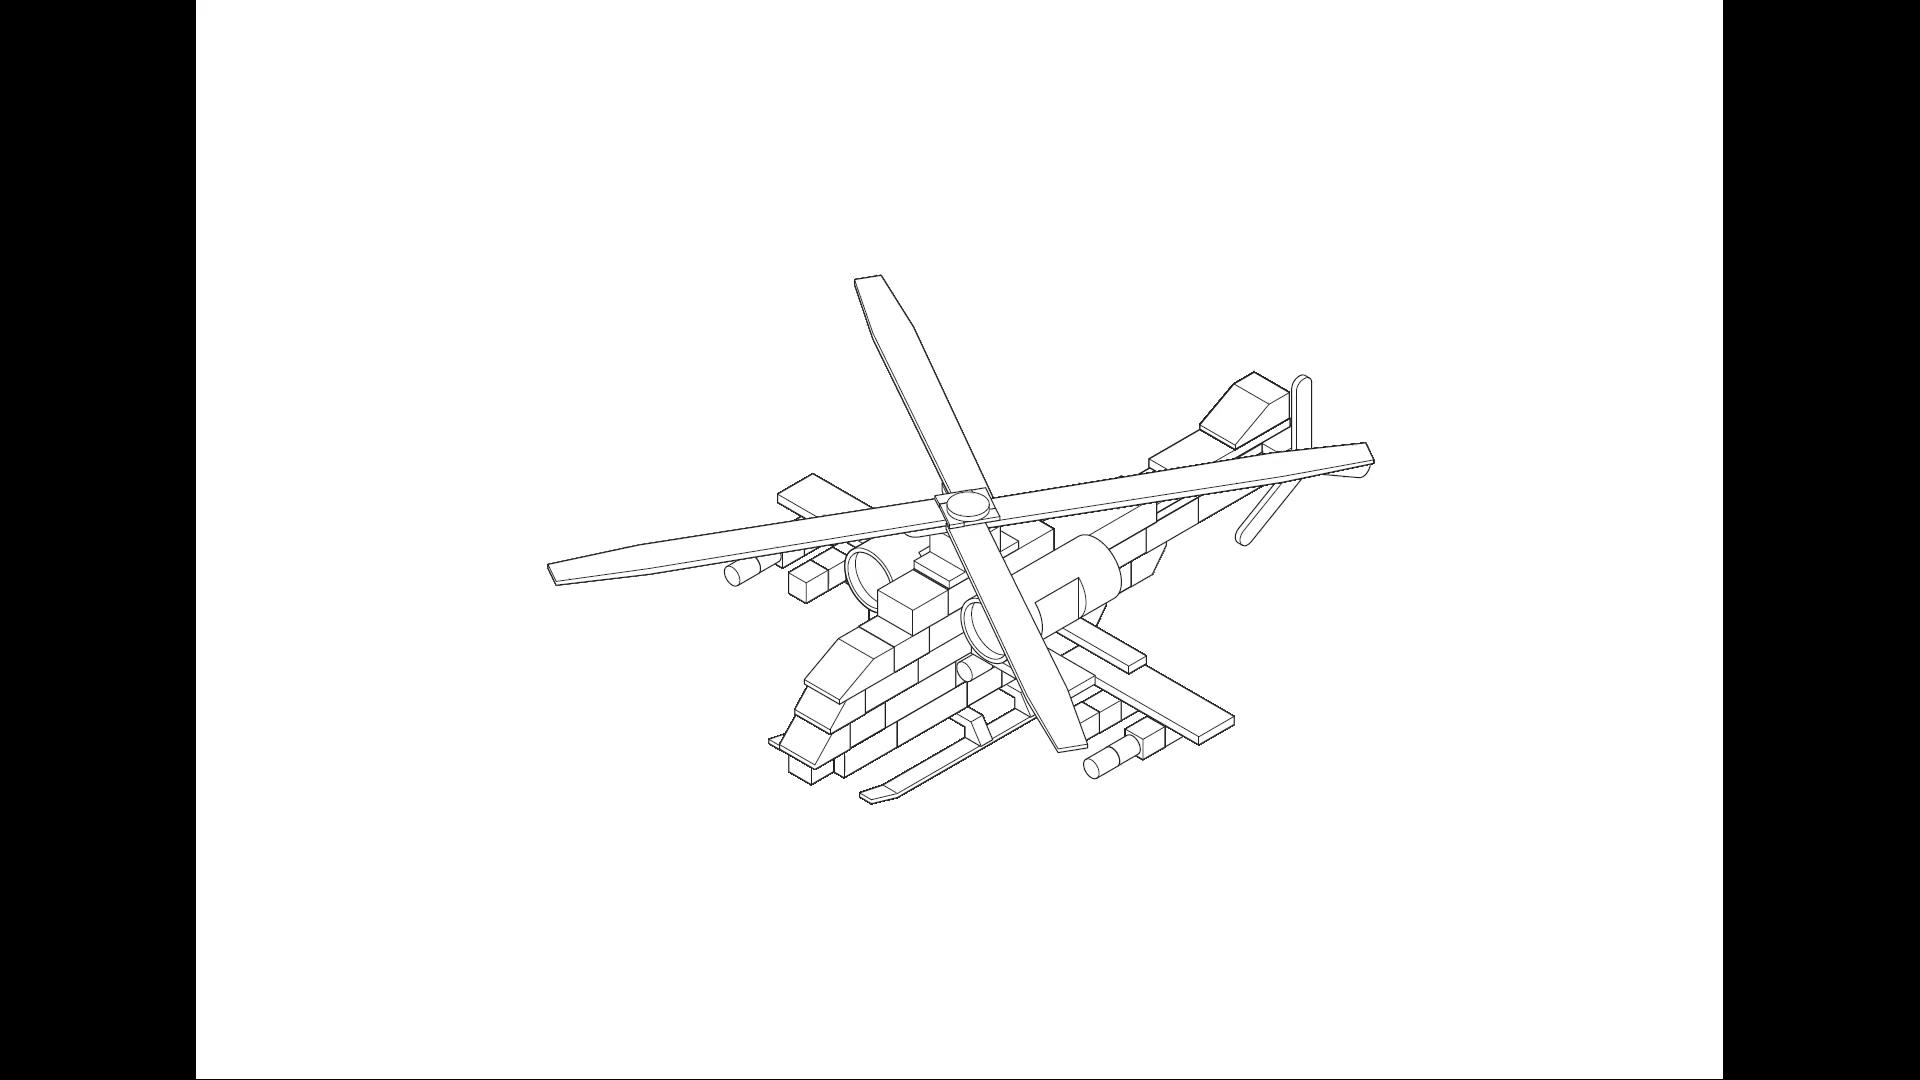 パラパラ漫画完成動画.pdf - Adobe Acrobat Pro DC 2019-08-02 14-35-59_Trim (1)